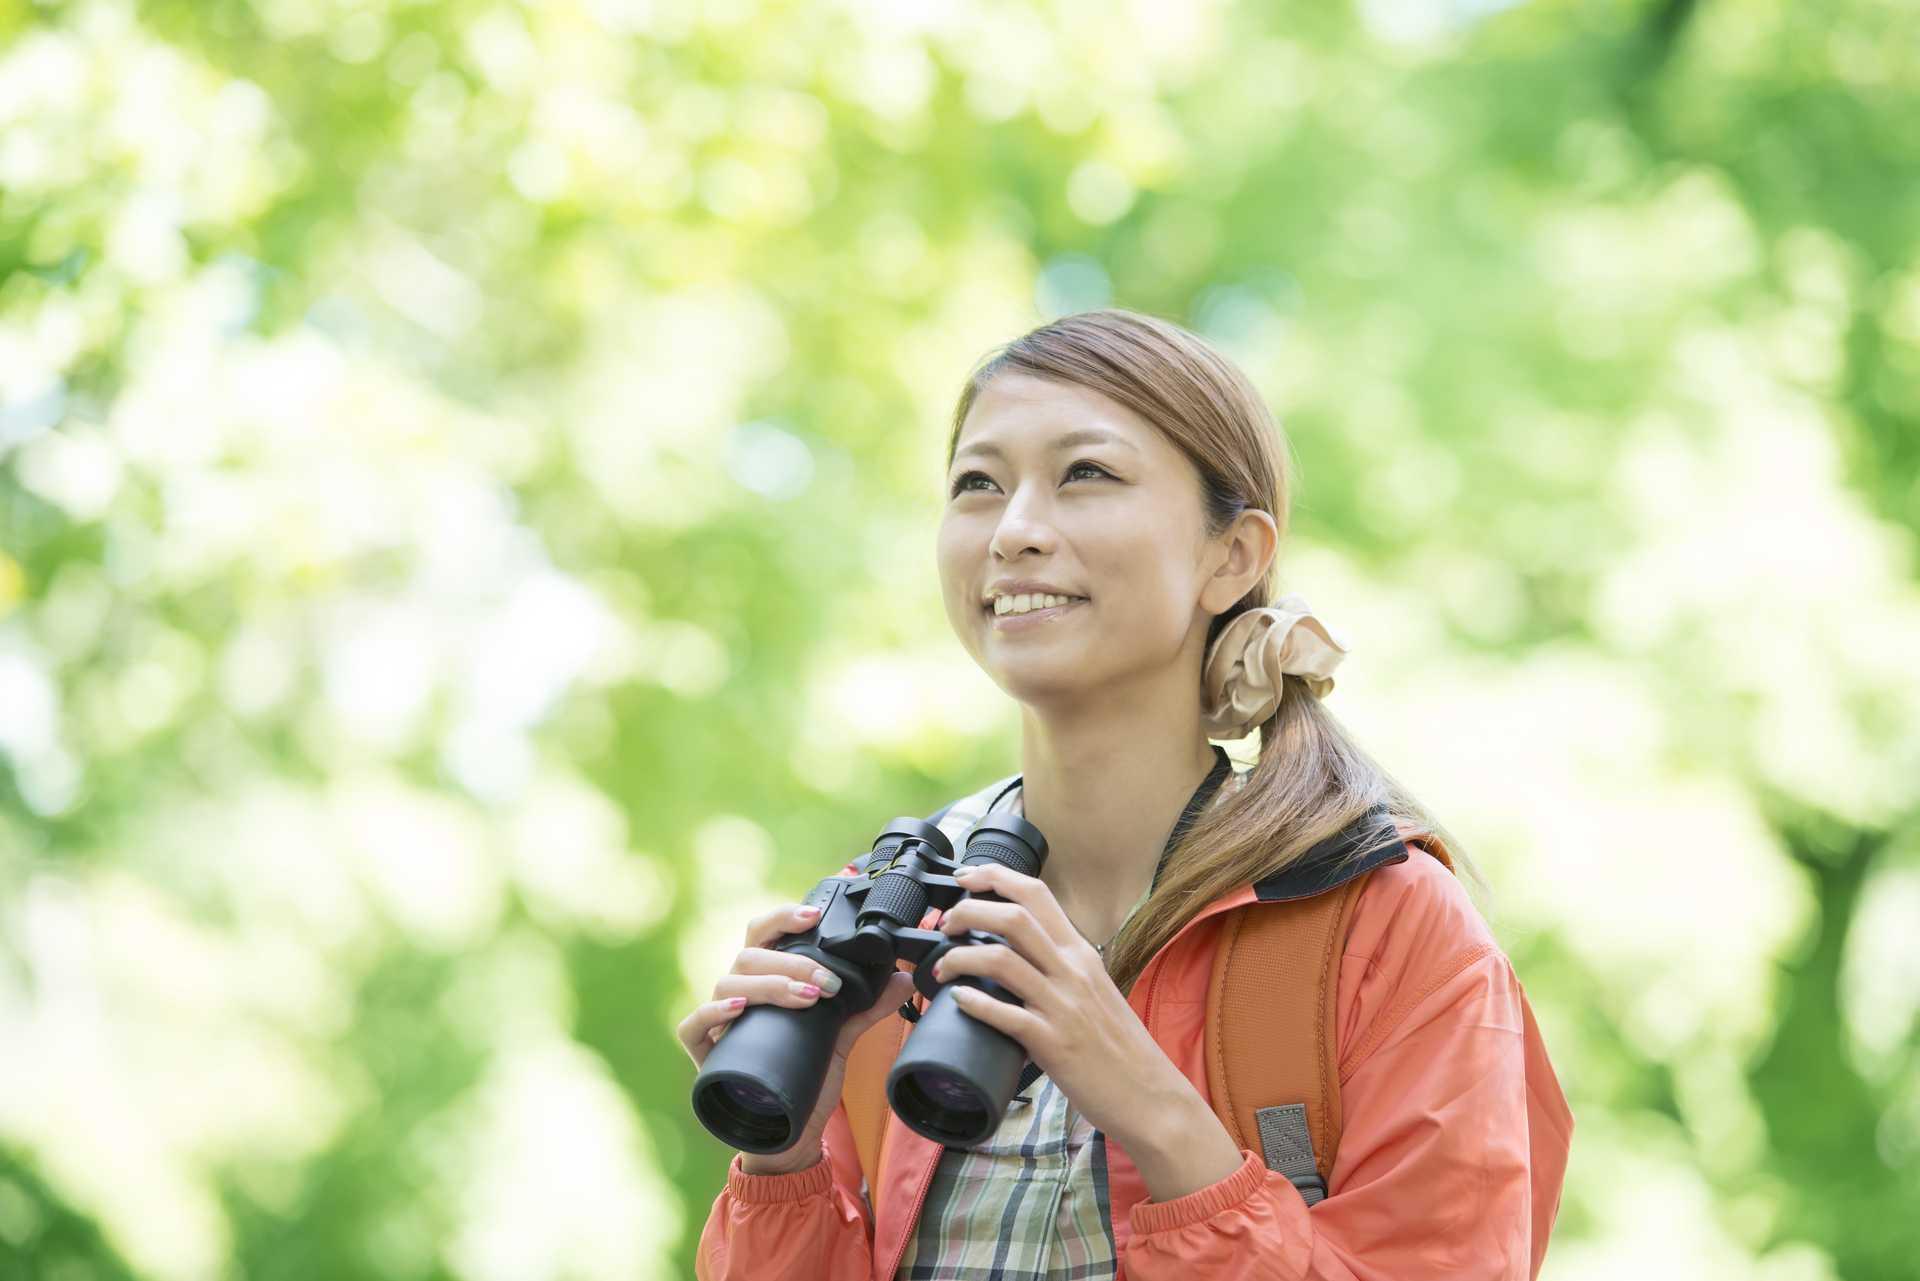 双眼鏡があれば、単なる散歩がバードウォッチングになる。 | 脳を刺激する30の歩き方